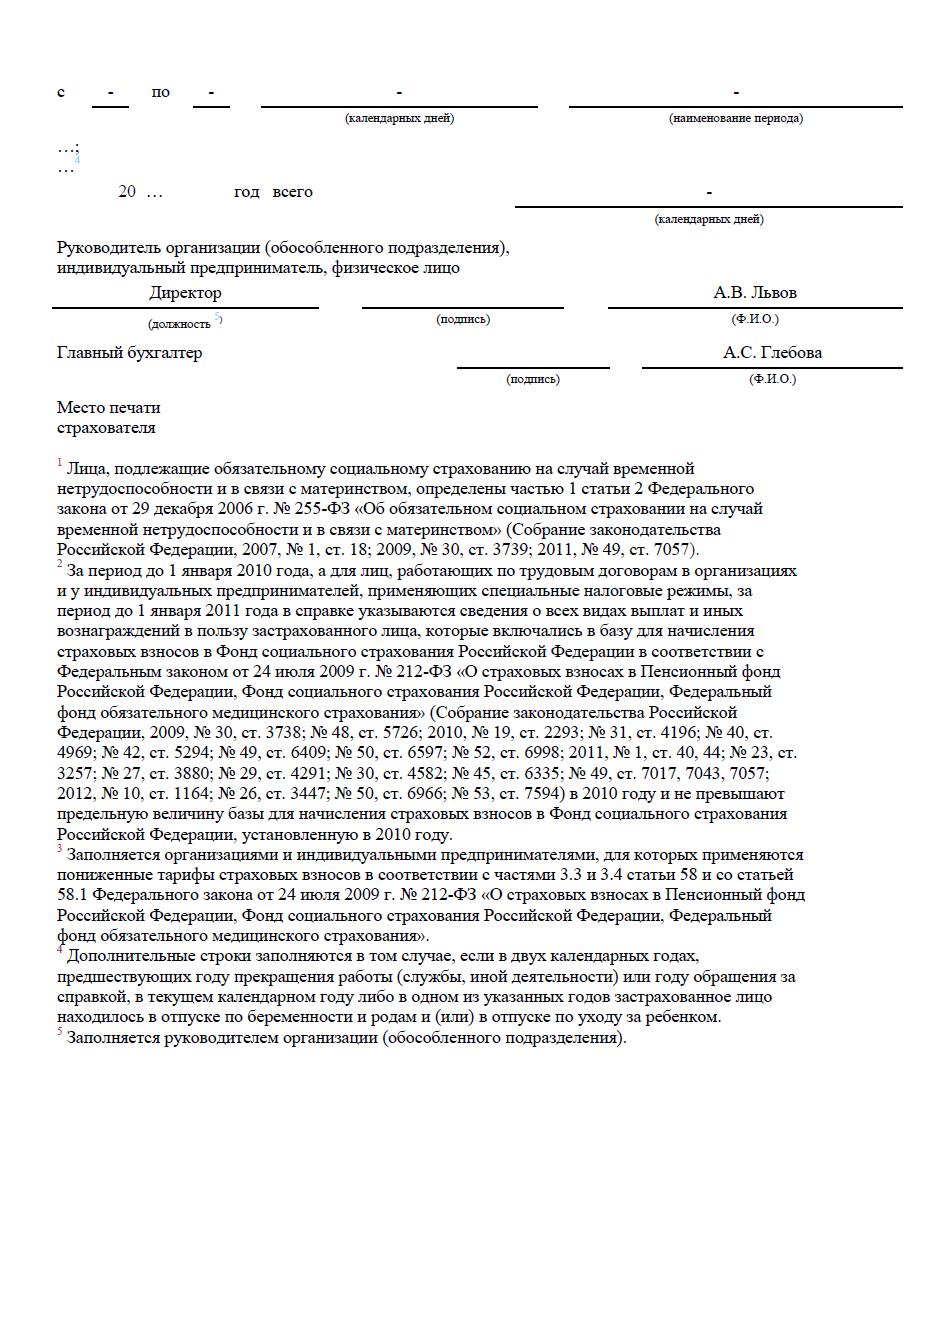 акт рабочей комиссии о готовности законченного строительством объекта